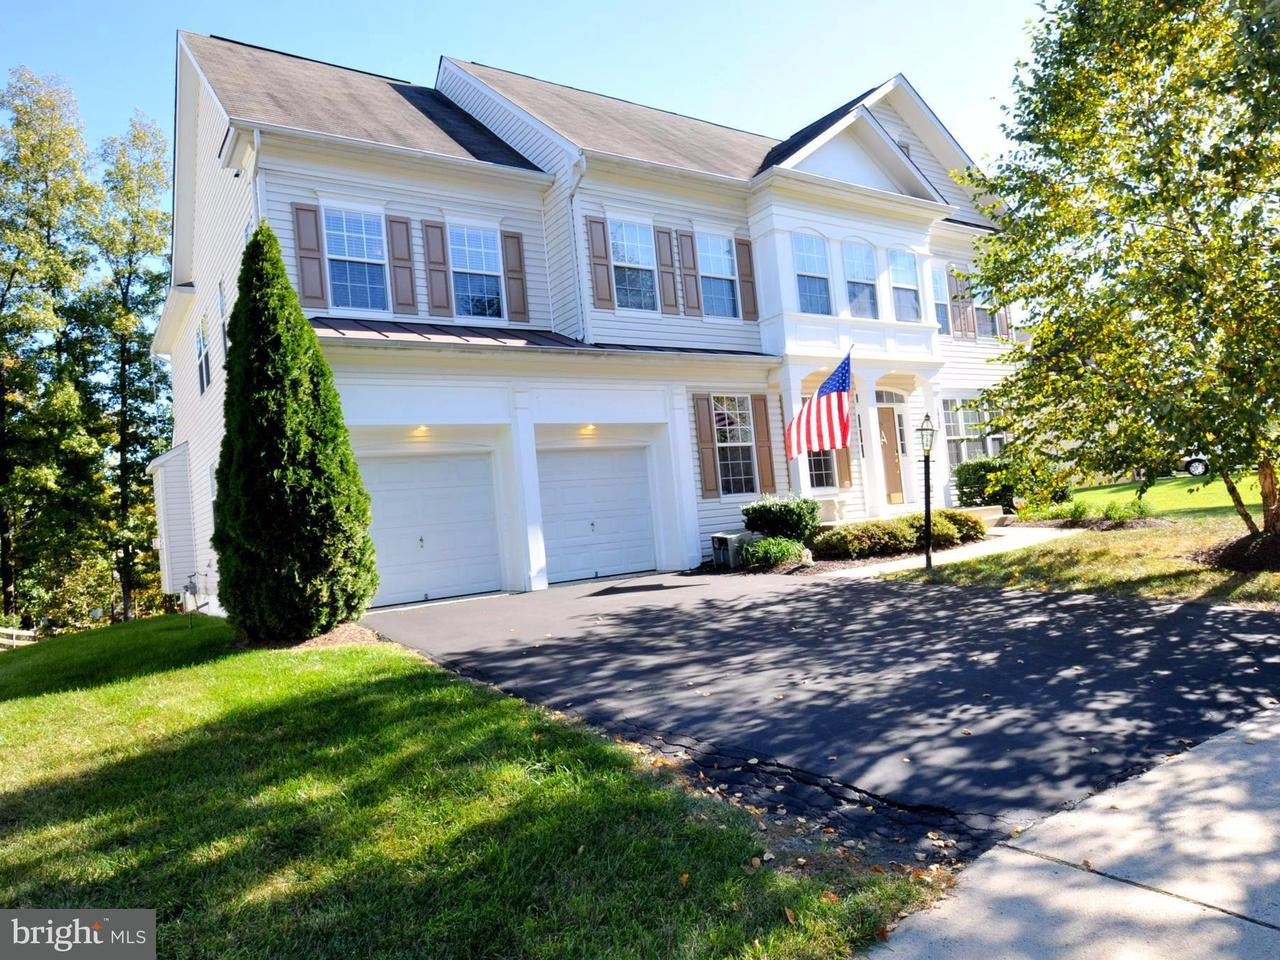 一戸建て のために 売買 アット 10188 Broadsword Drive 10188 Broadsword Drive Bristow, バージニア 20136 アメリカ合衆国